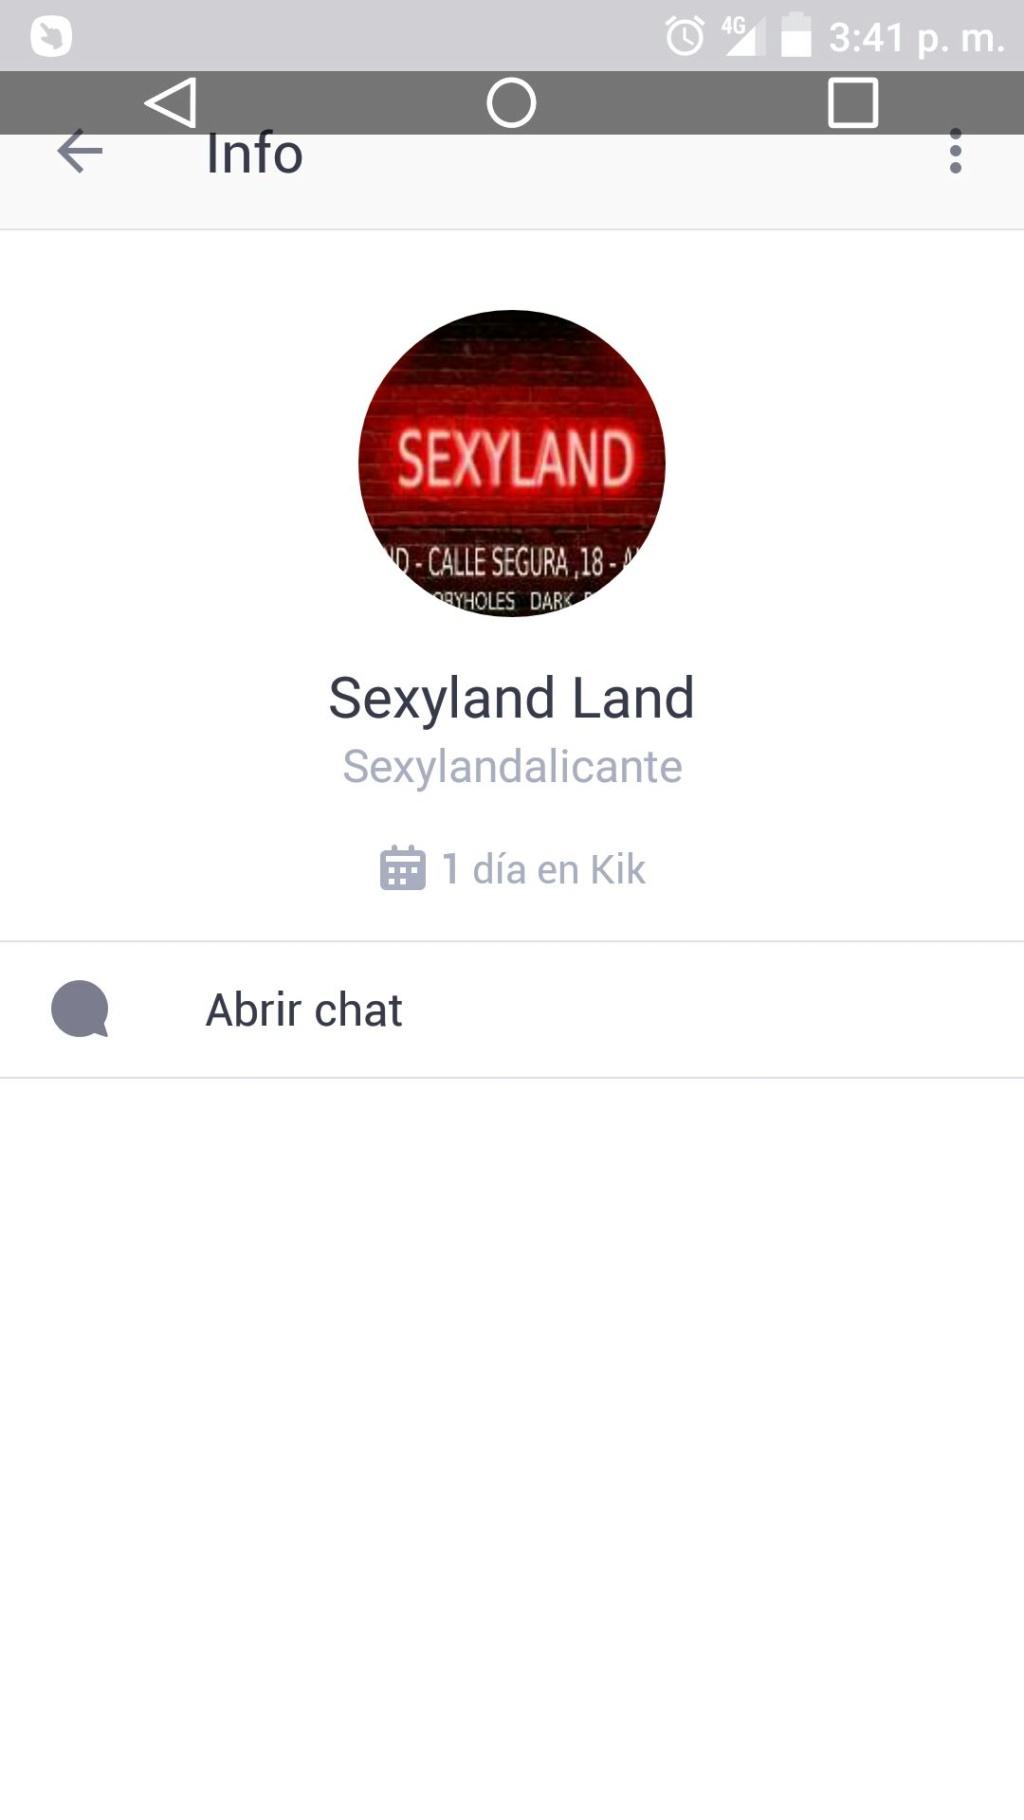 Kik Sexyland y normas 20181110